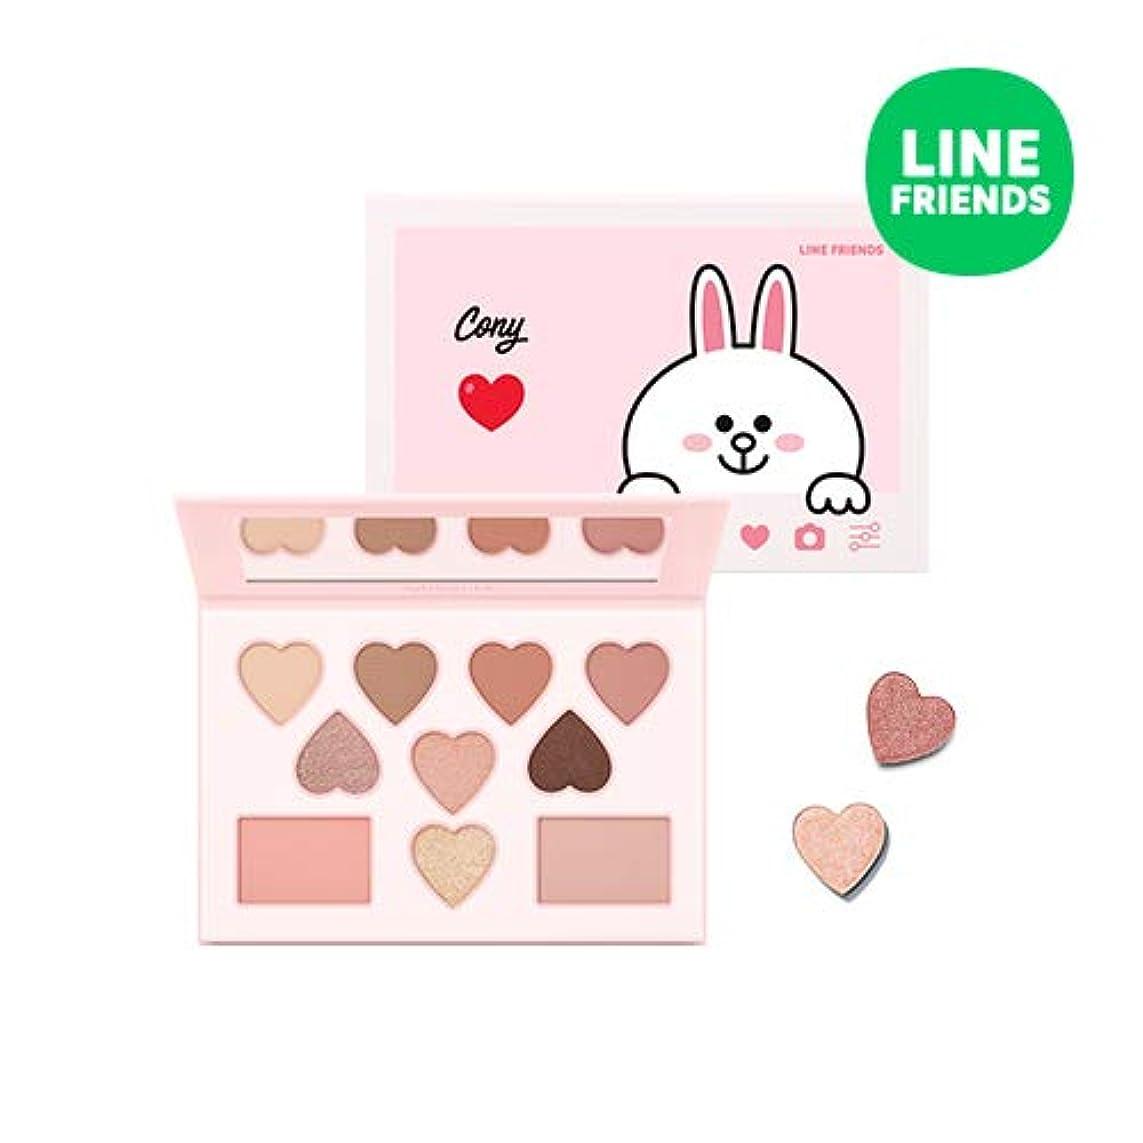 ミシャ[ラインフレンズエディション] カラー フィルター シャドウ パレット MISSHA [Line Friends Edition] Color Filter Shadow Palette #6. Cony [並行輸入品]